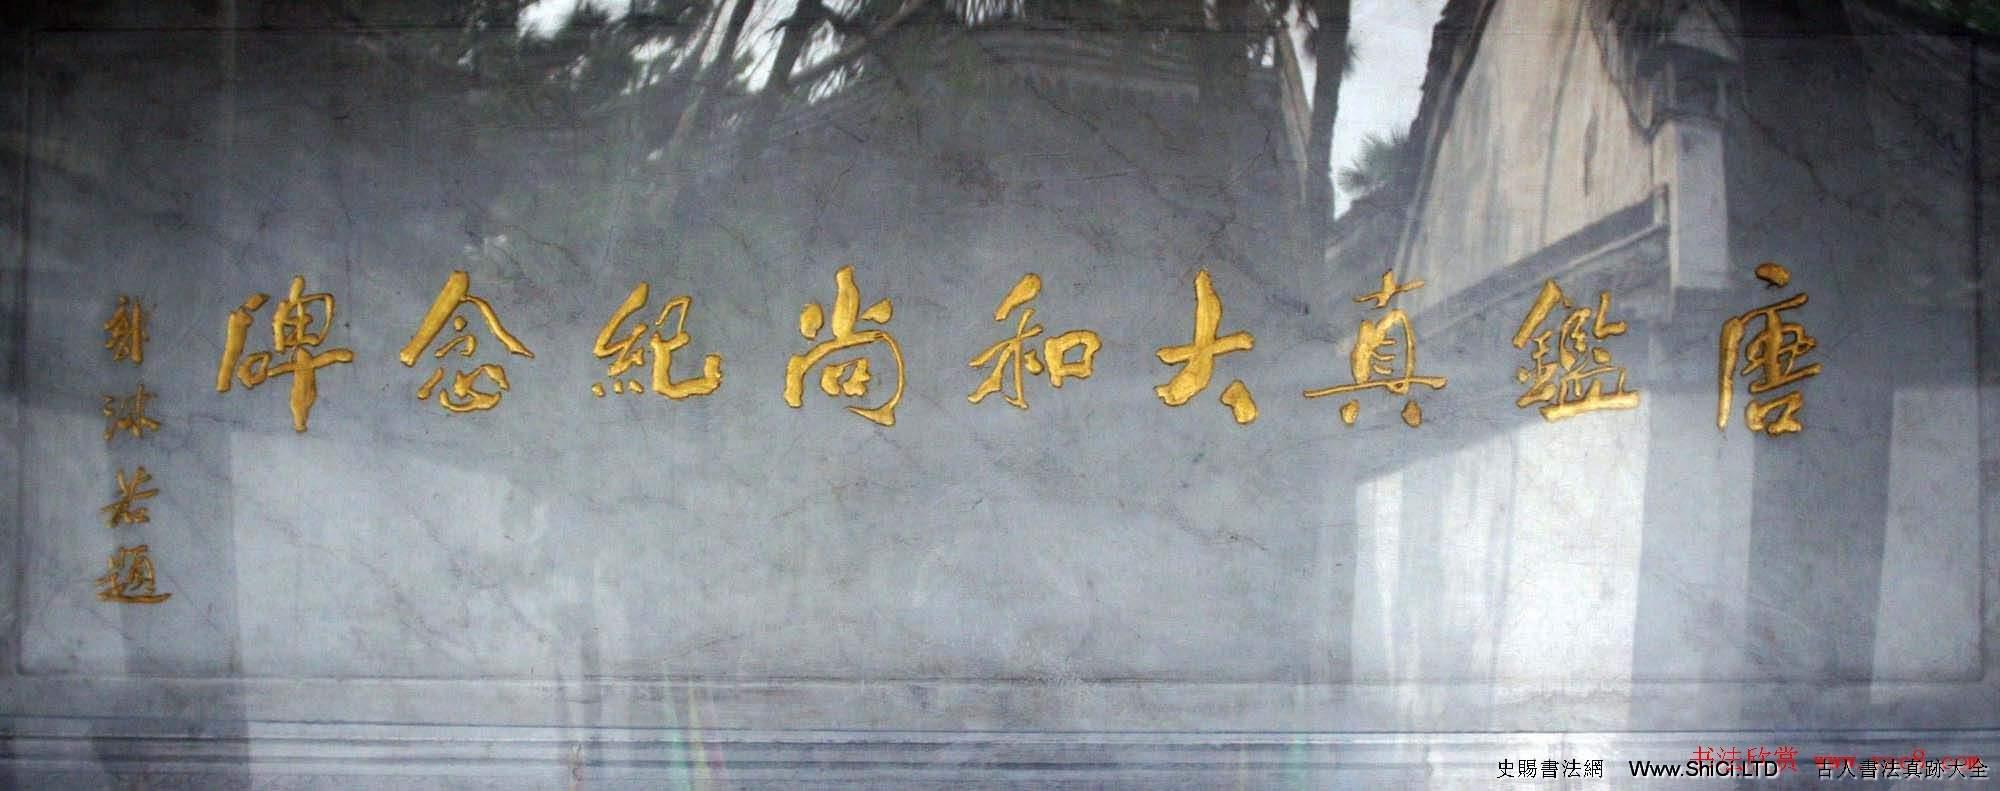 郭沫若書法題字匾額欣賞